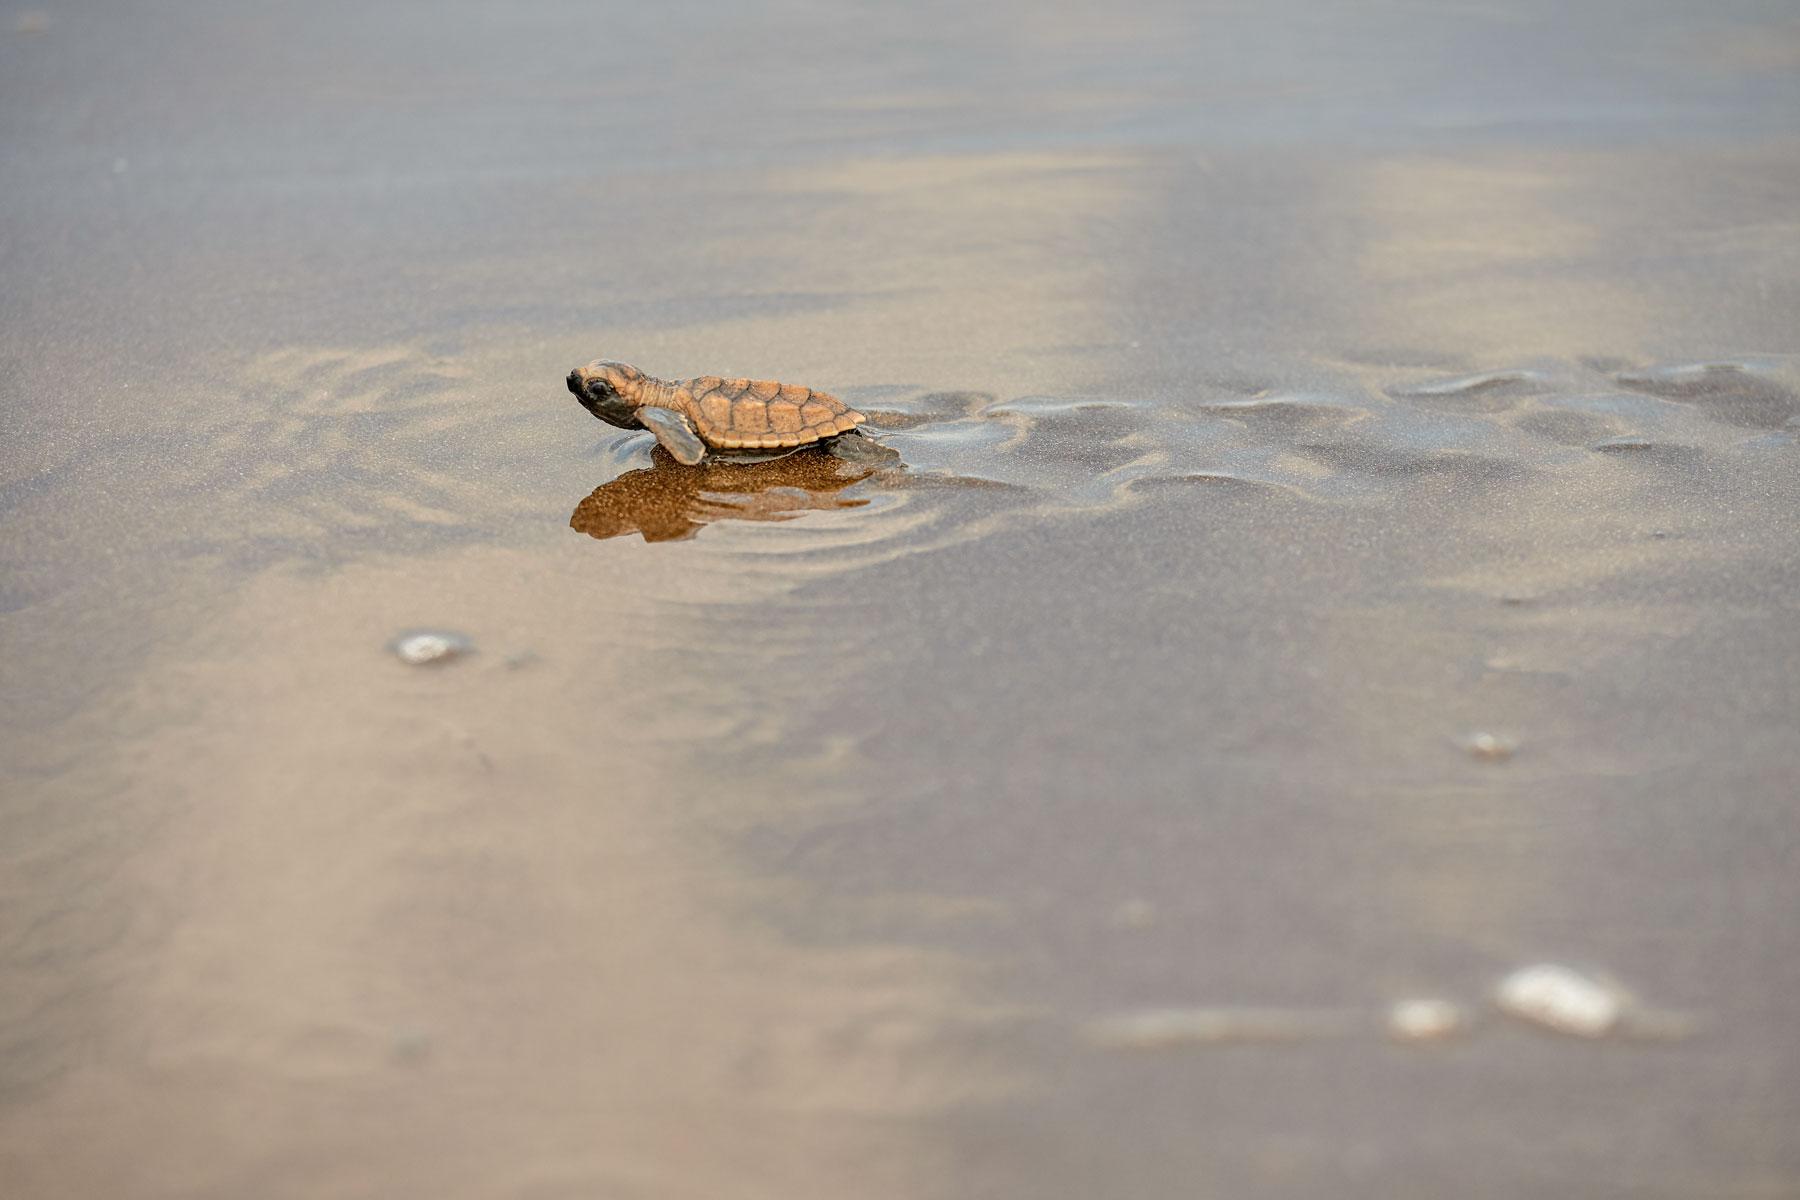 Foto einer Babyschildkröte, die zielstrebig hren Weg geht